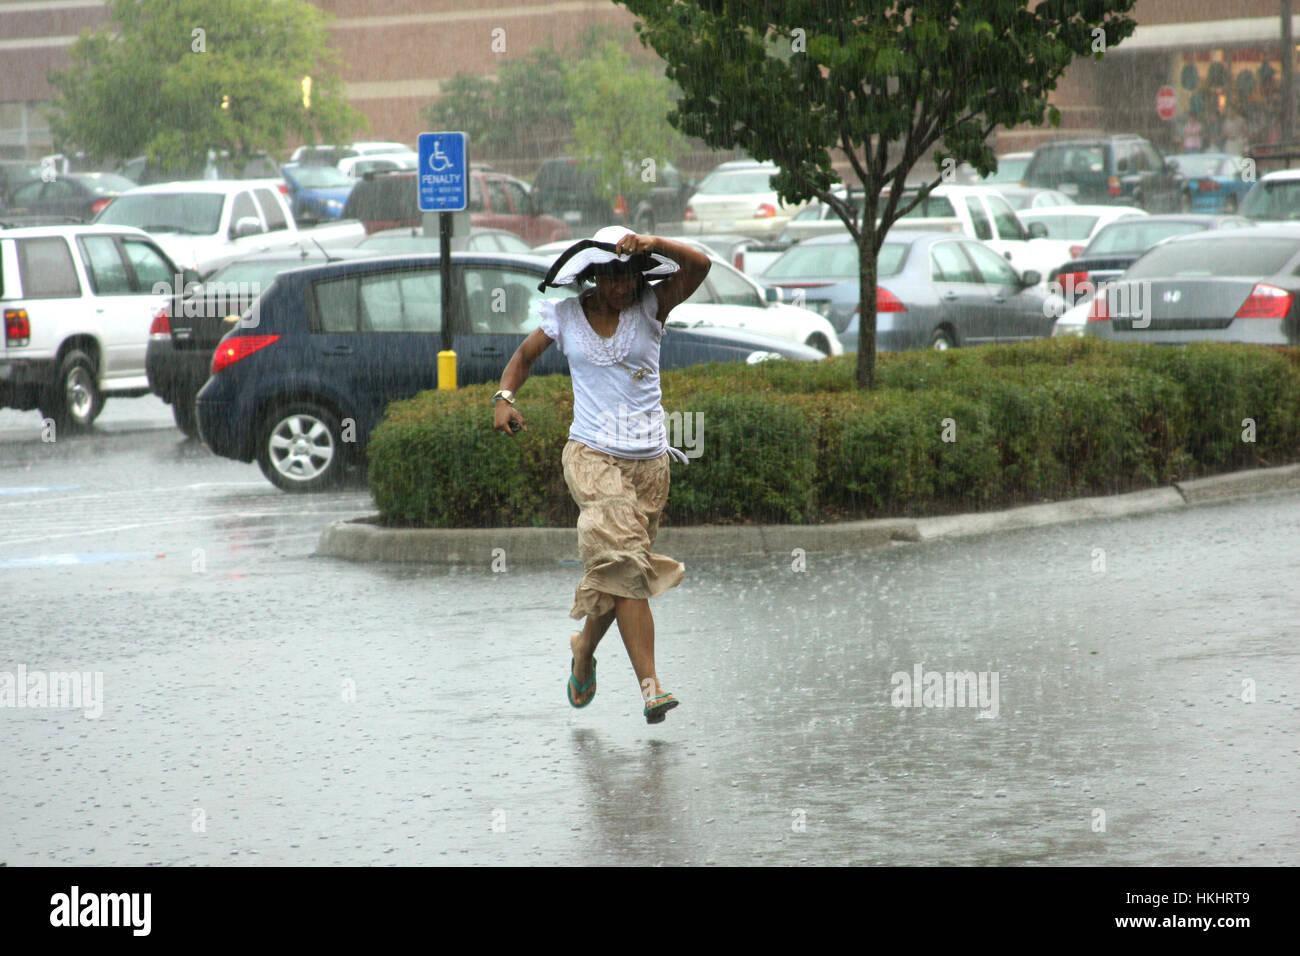 Femme en marche à l'abri de fortes pluies estivales Photo Stock